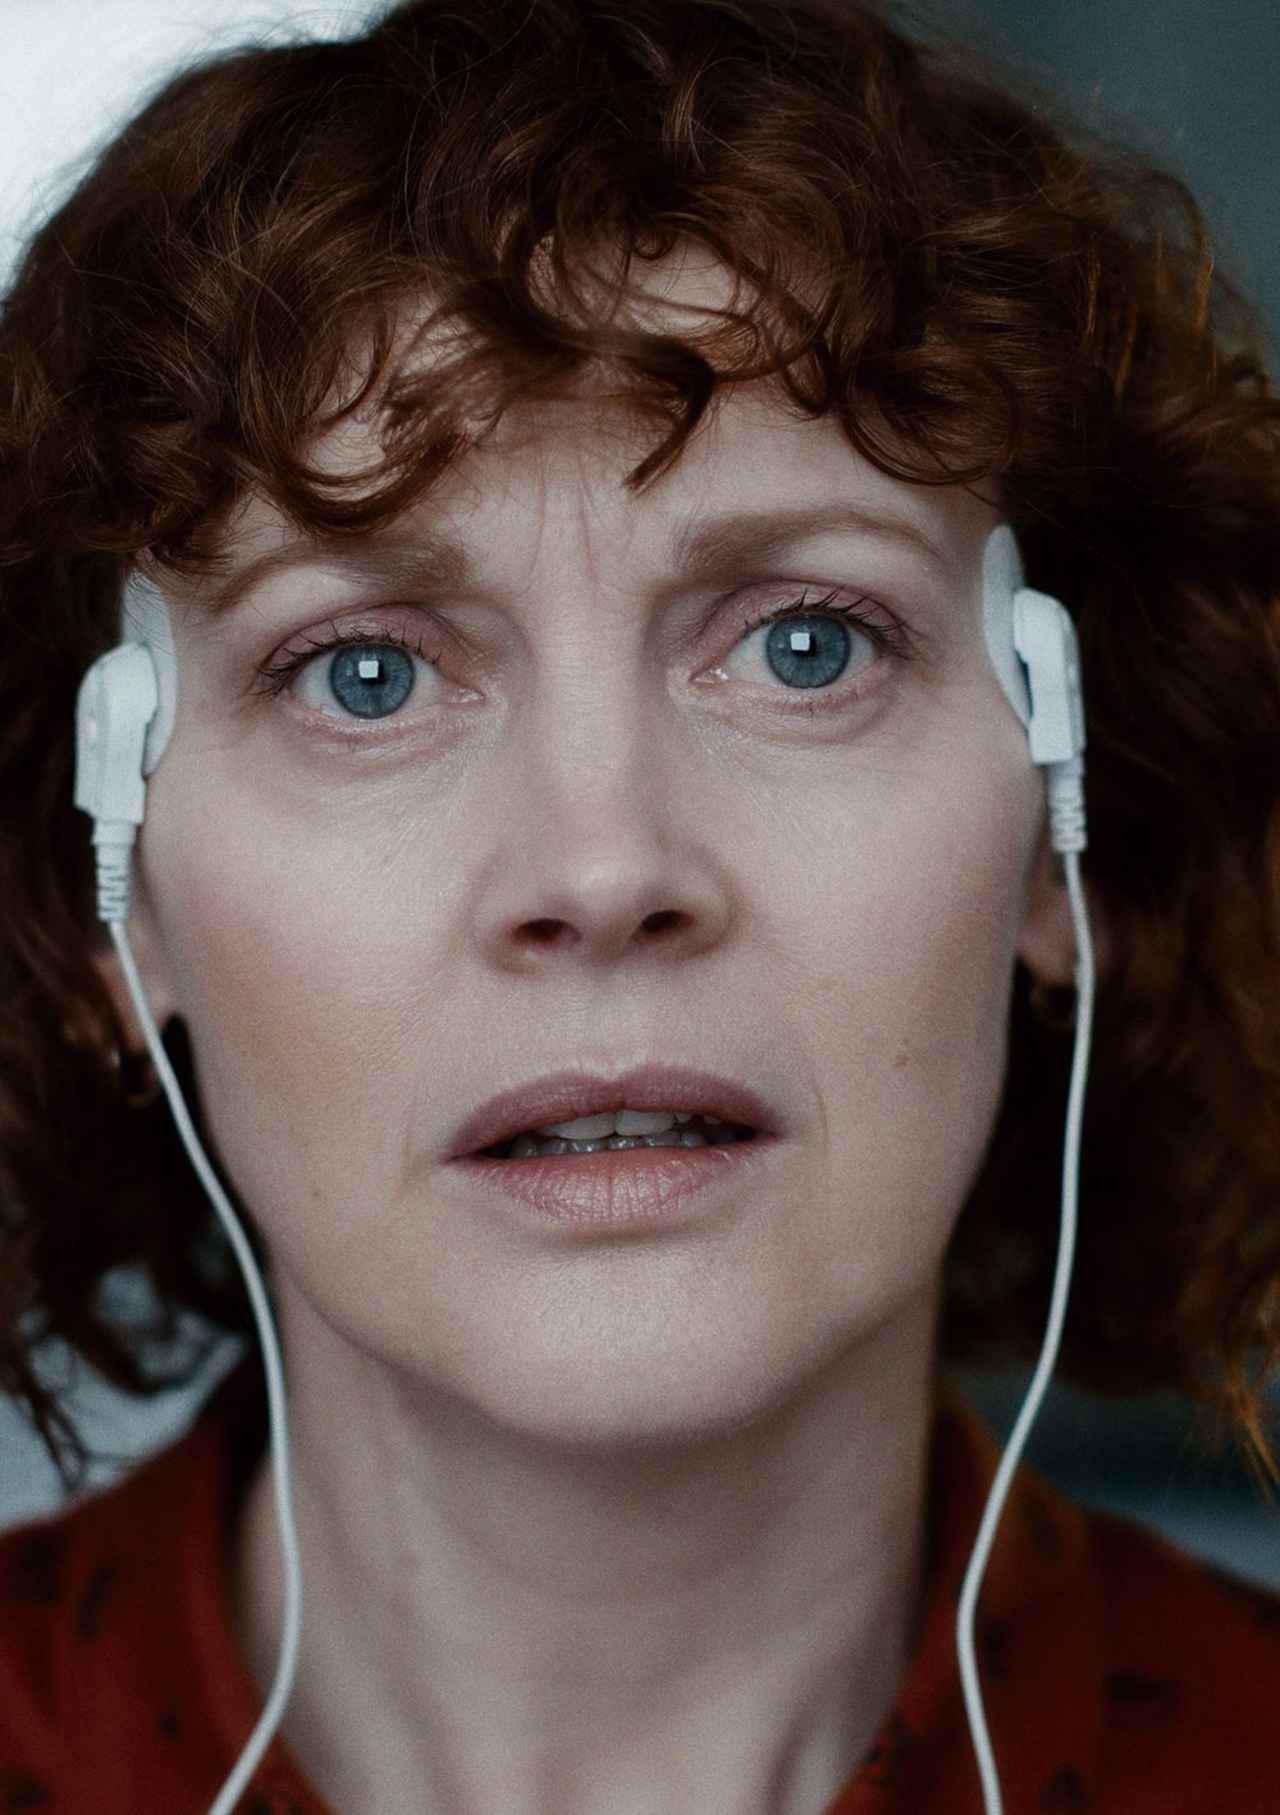 画像11: HBO®×BBC大ヒットファンタジードラマ 待望のシーズン2がいよいよ開始!【スターチャンネル×SCREEN気になる特集】